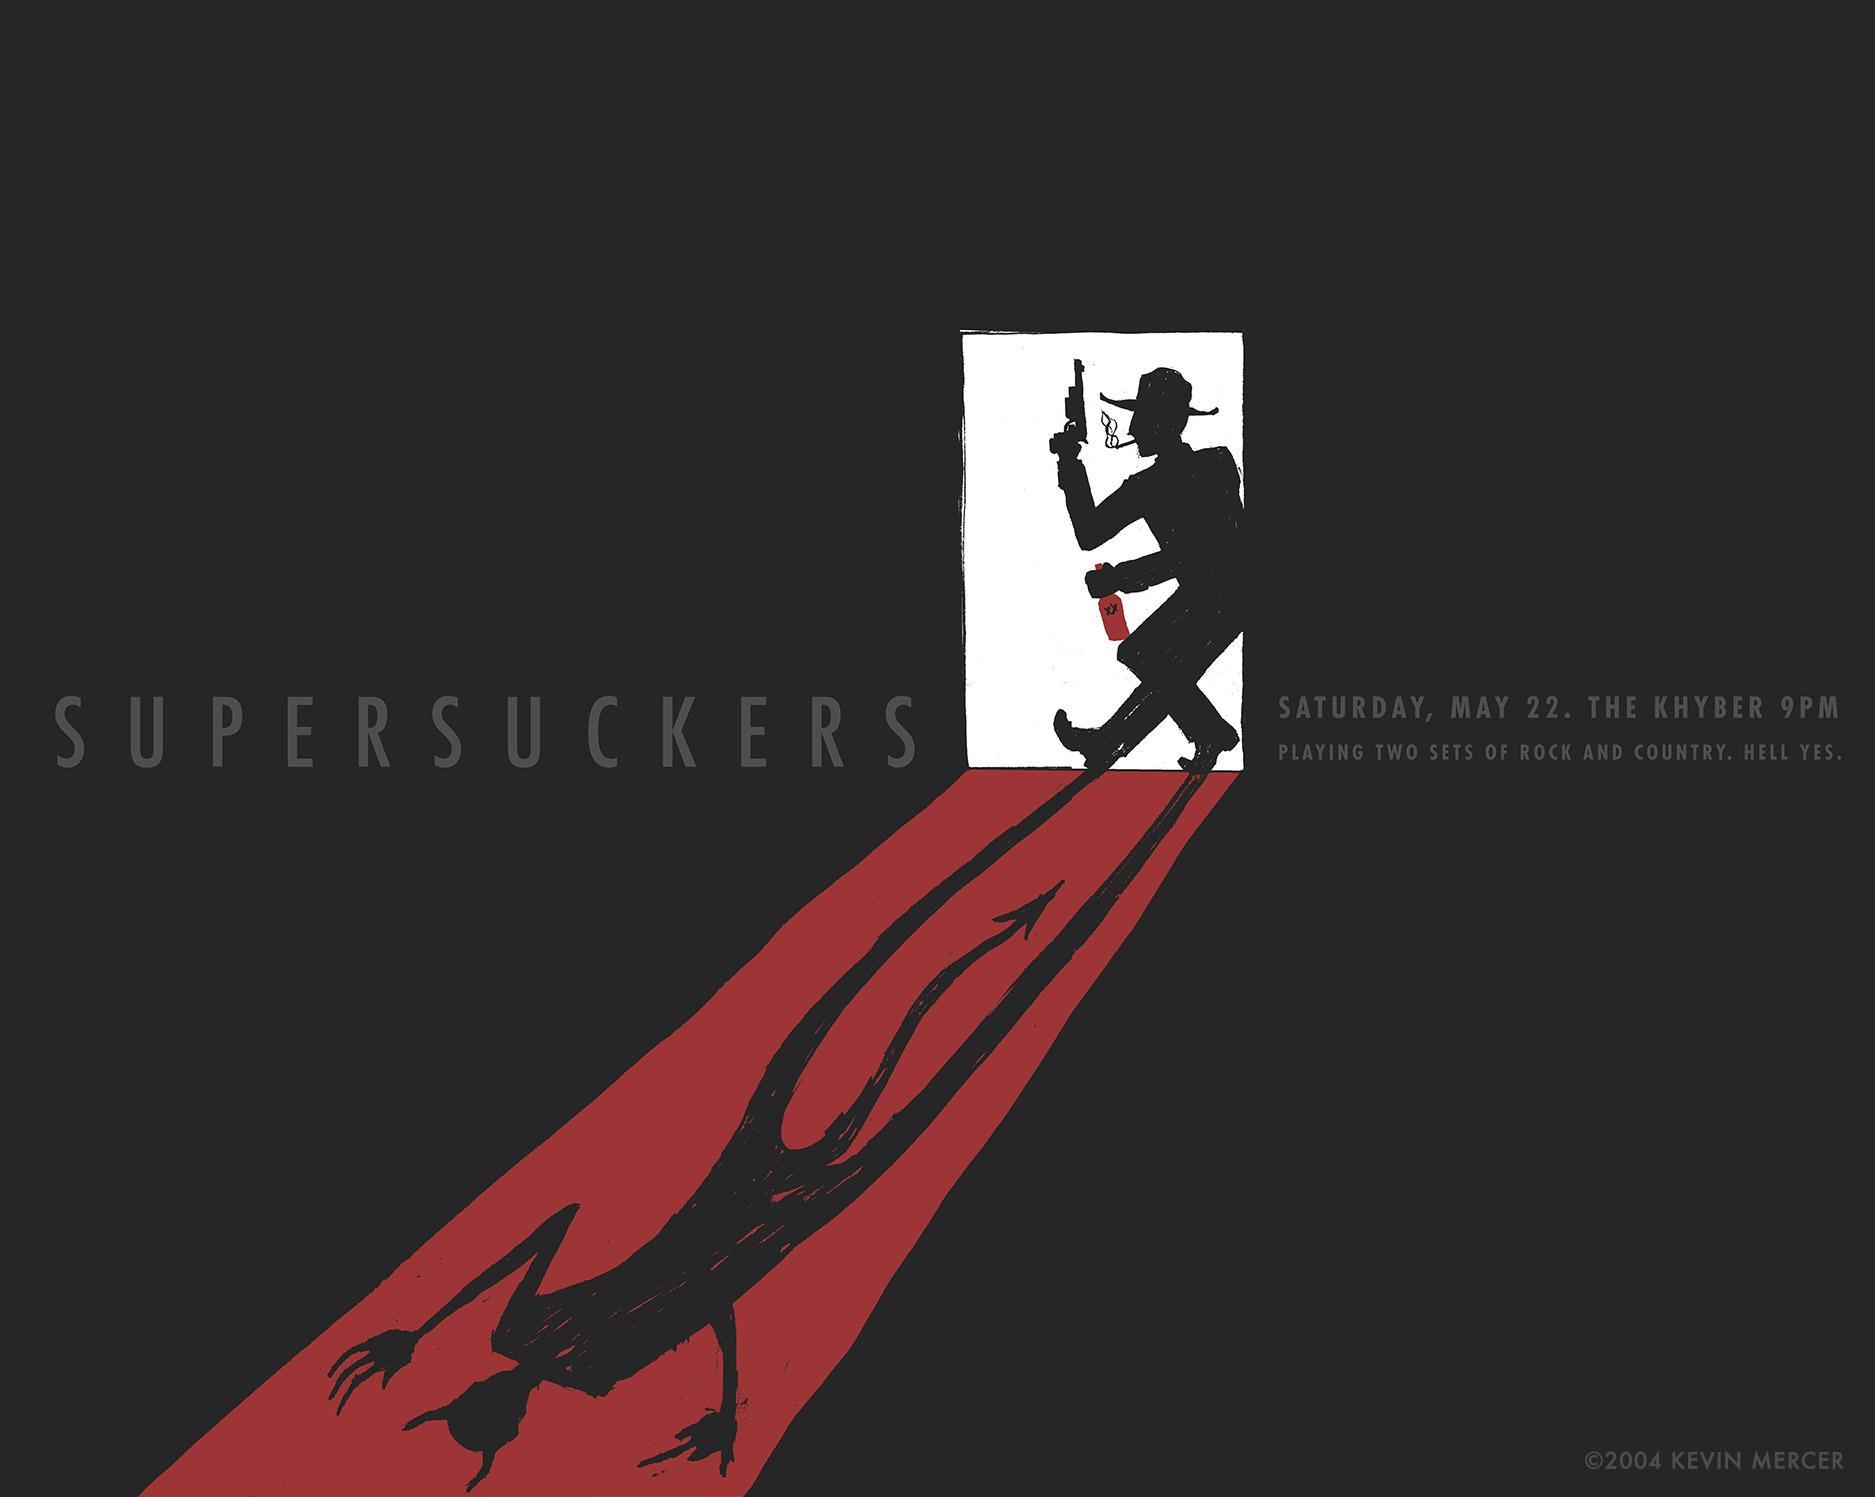 supersuckers-1500.jpg